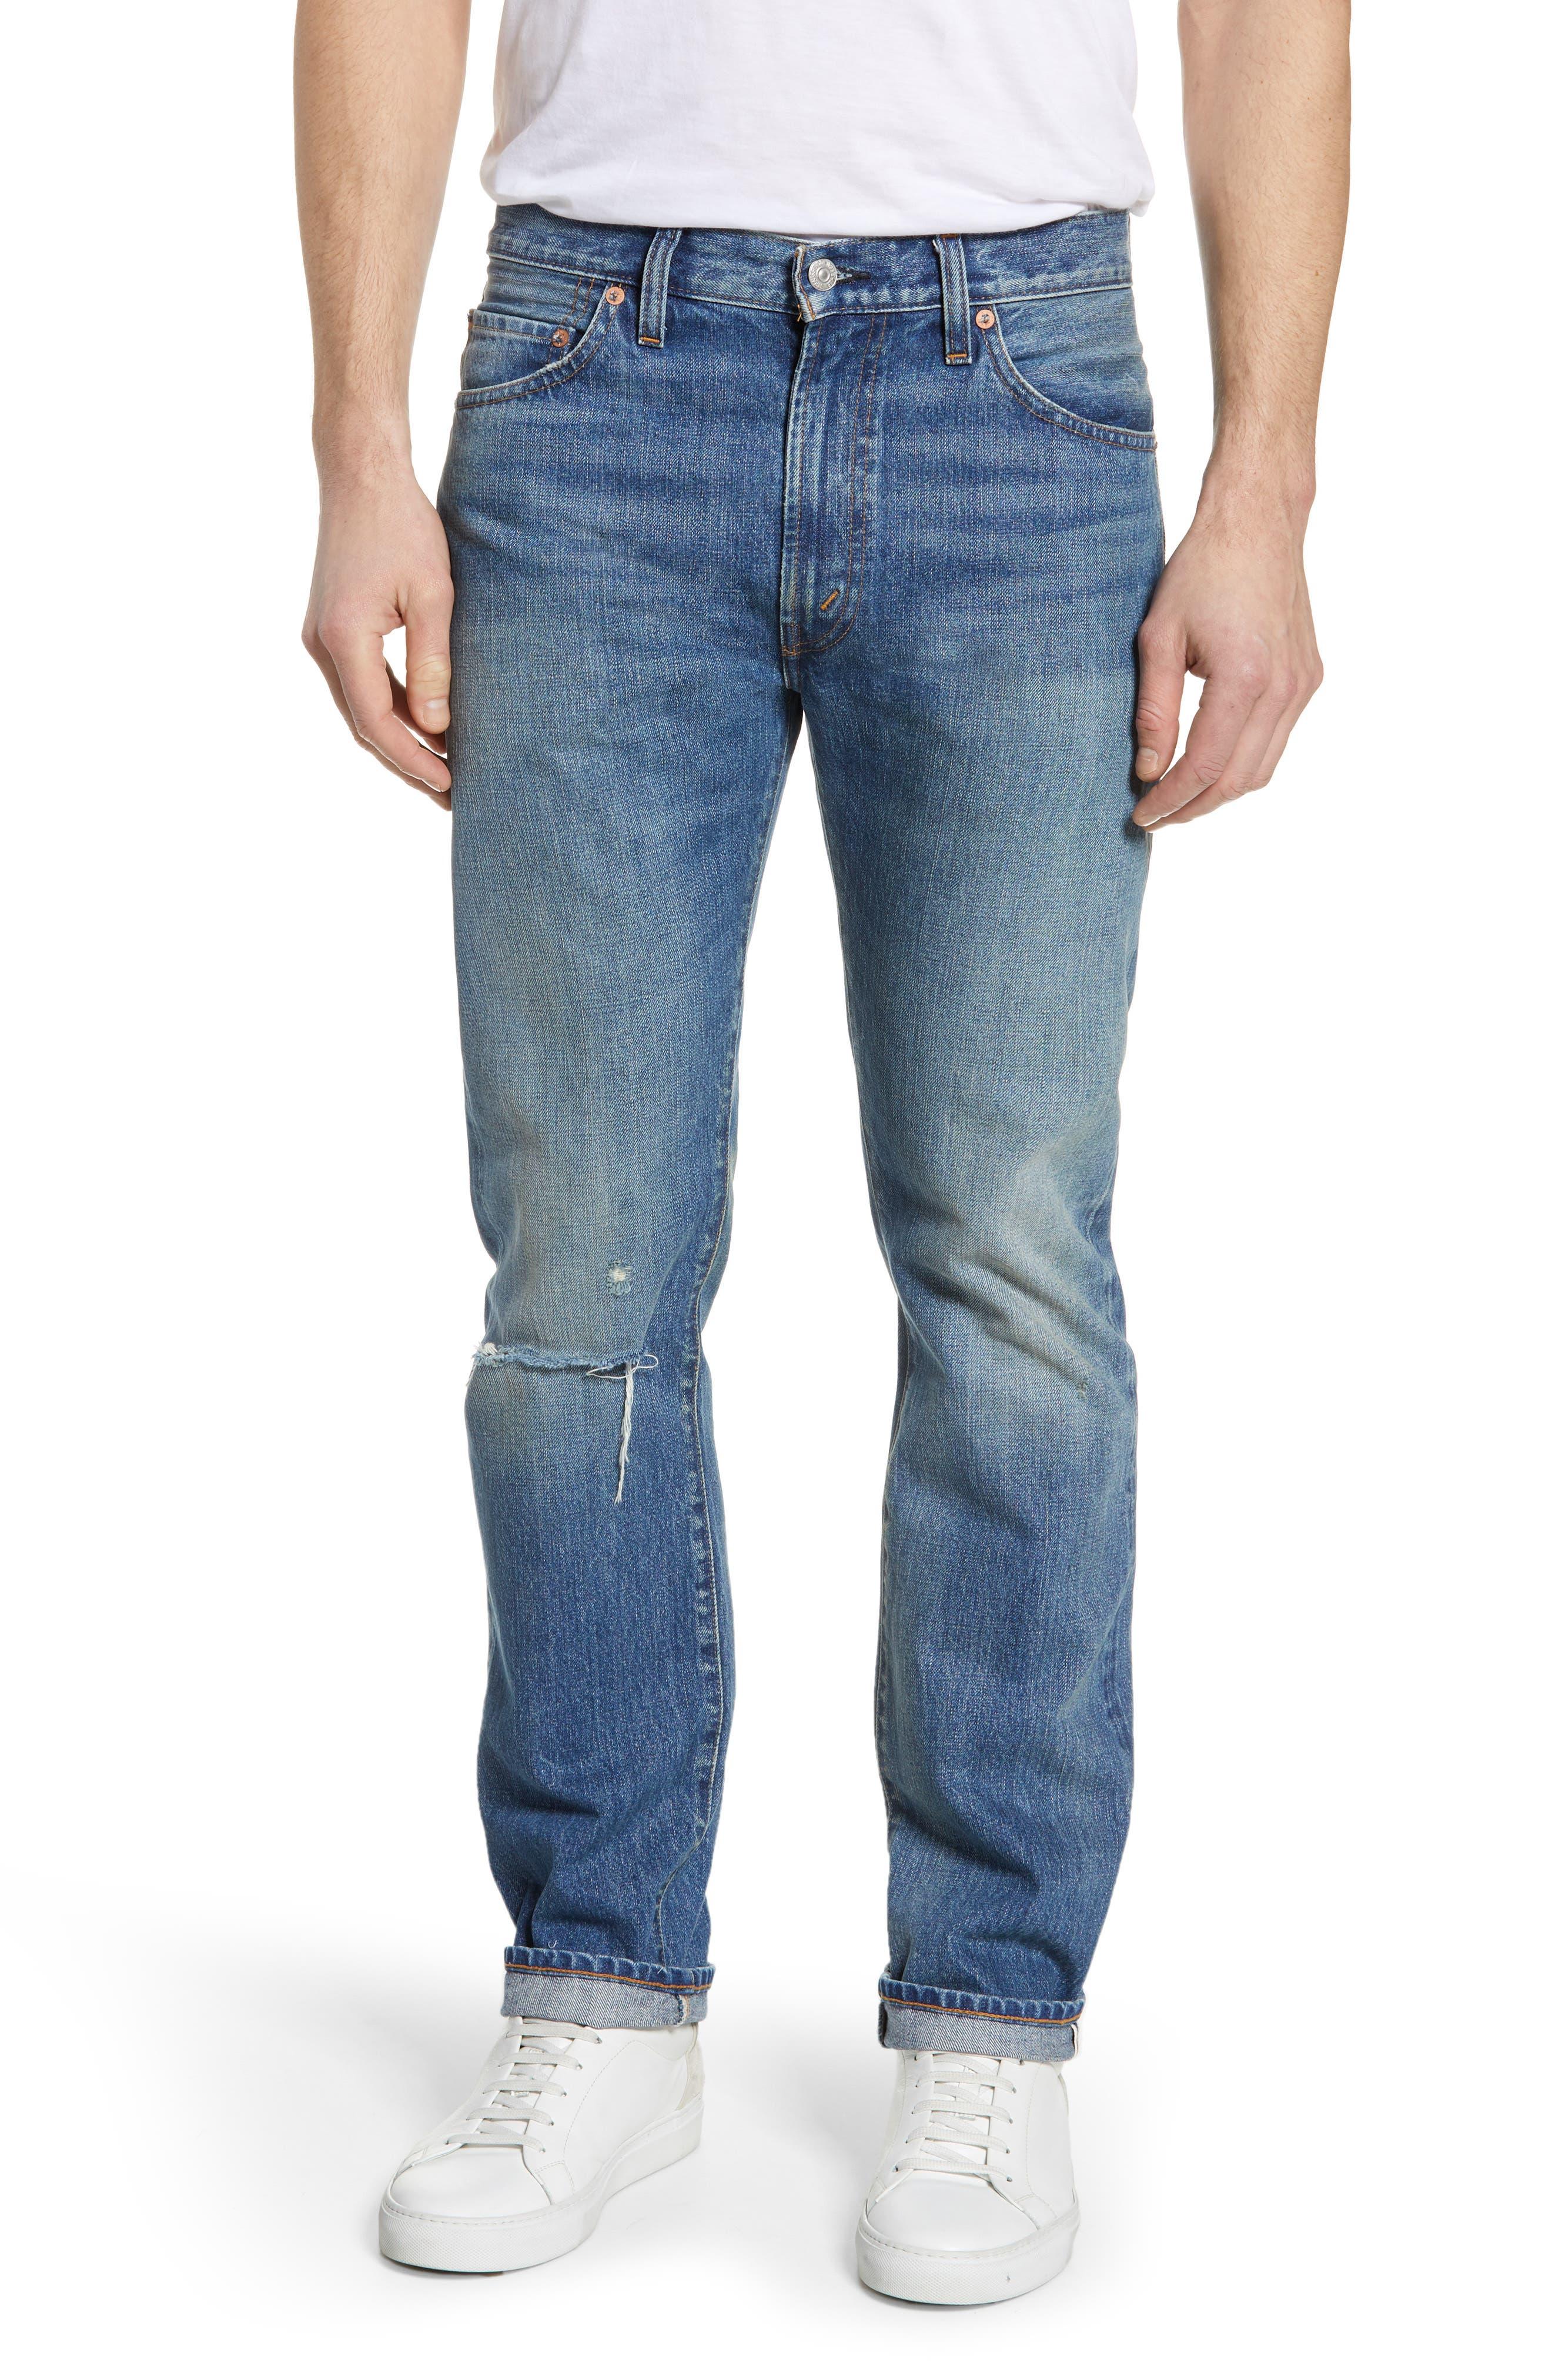 LEVI'S<SUP>®</SUP> VINTAGE CLOTHING 1967 505<sup>™</sup> Slim Fit Selvedge Jeans, Main, color, SPUTNIK